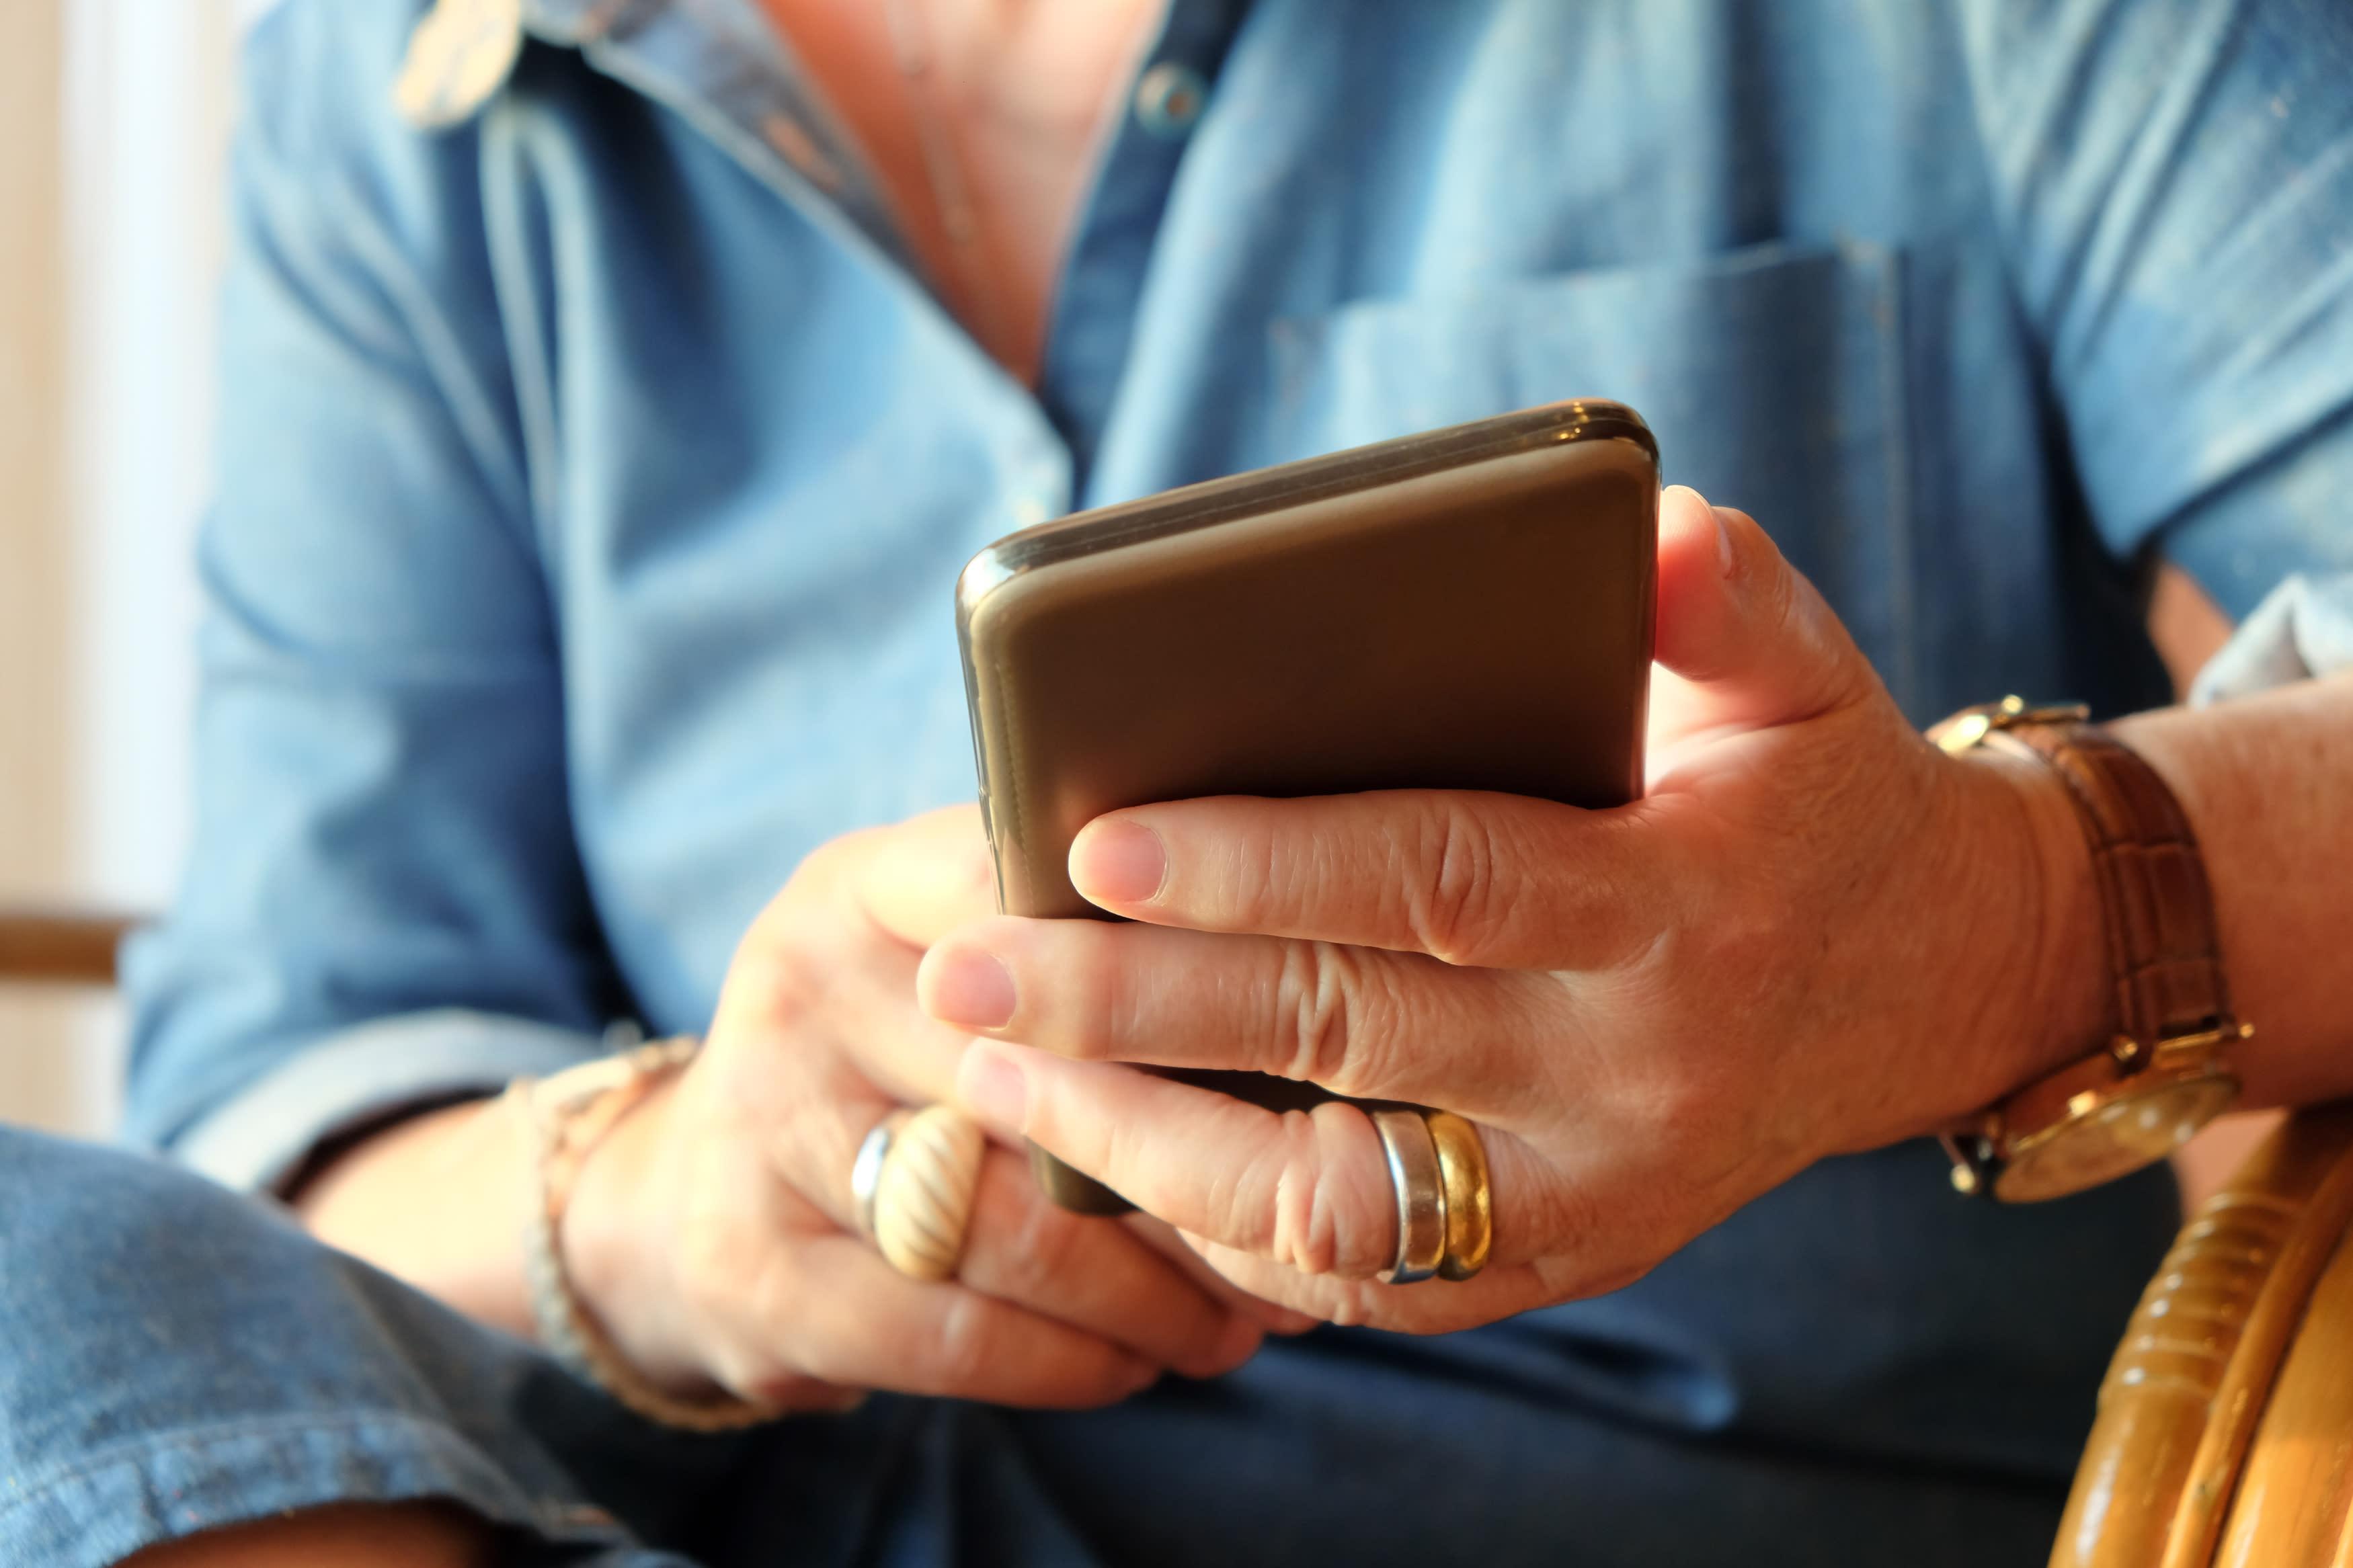 Un juez condena a una abuela a borrar las fotos de sus nietos de Facebook